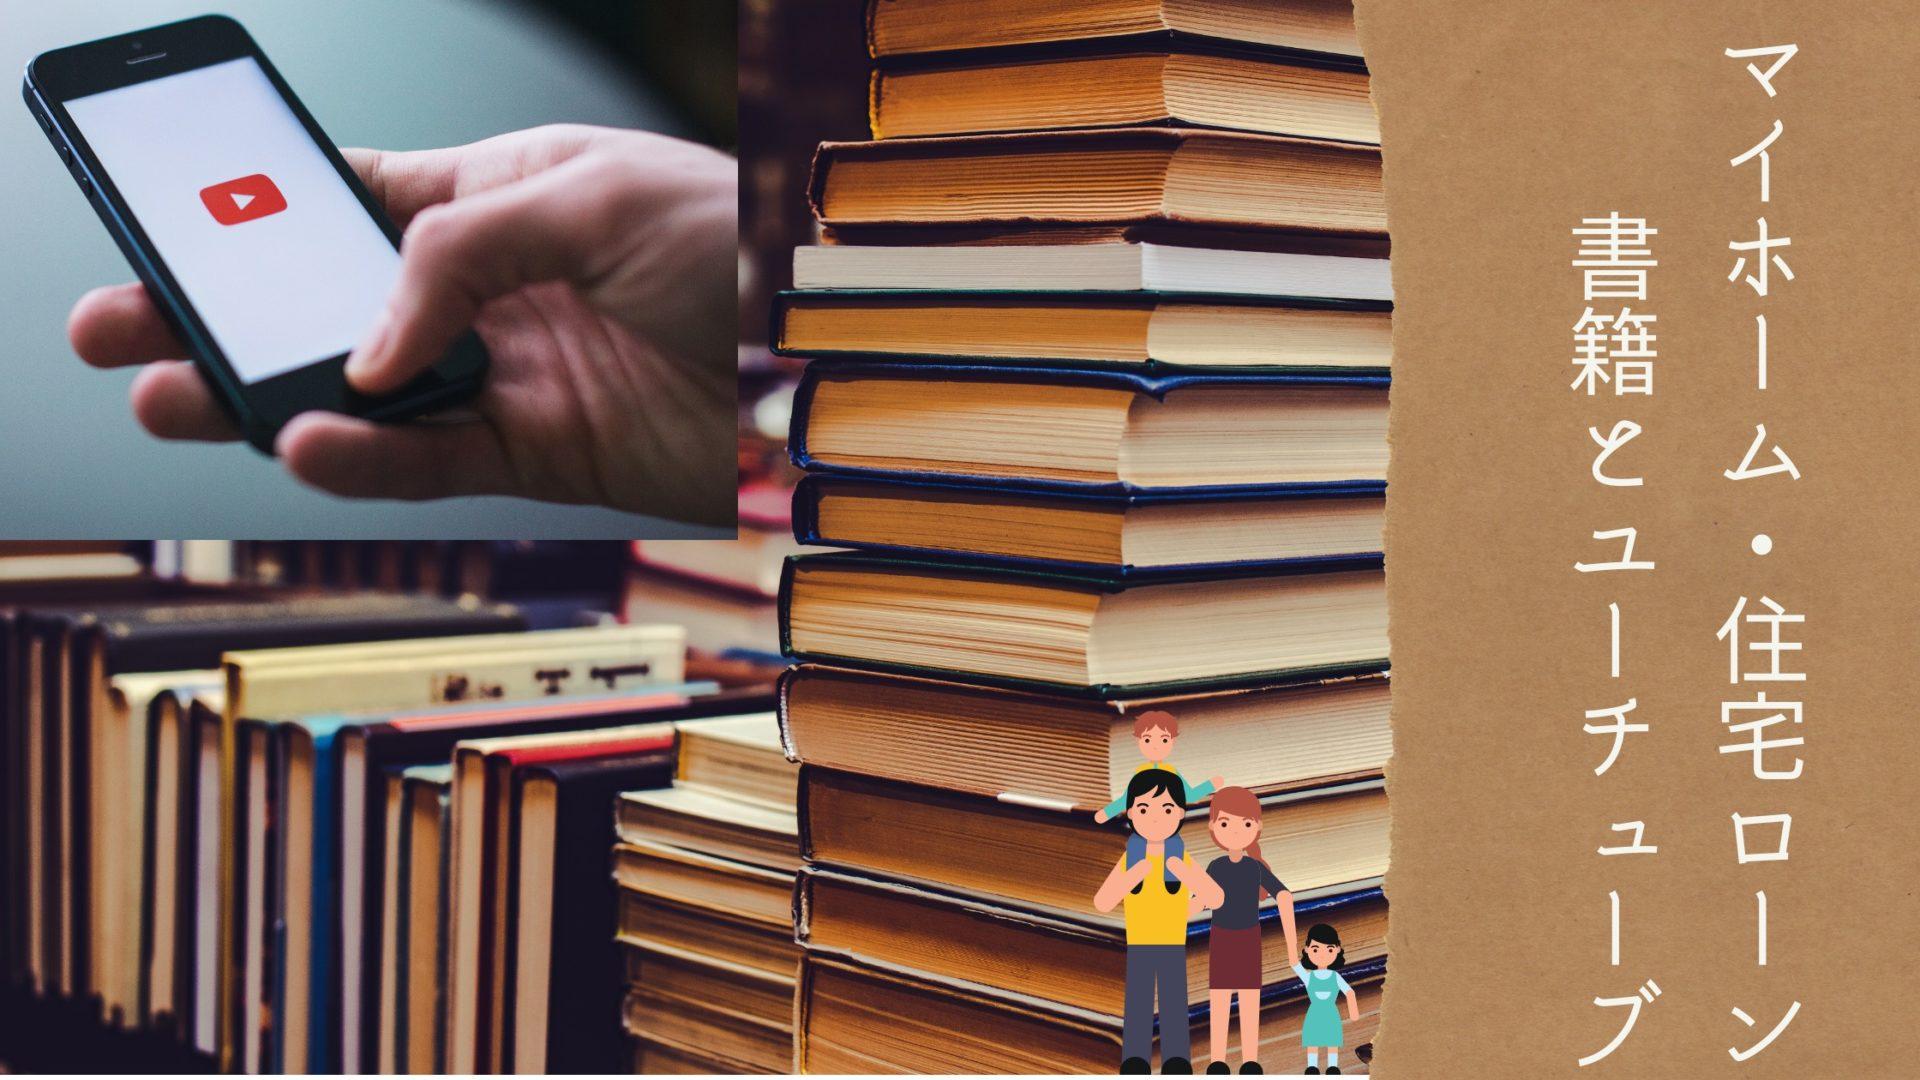 マイホーム・住宅ローンの書籍とユーチューブ